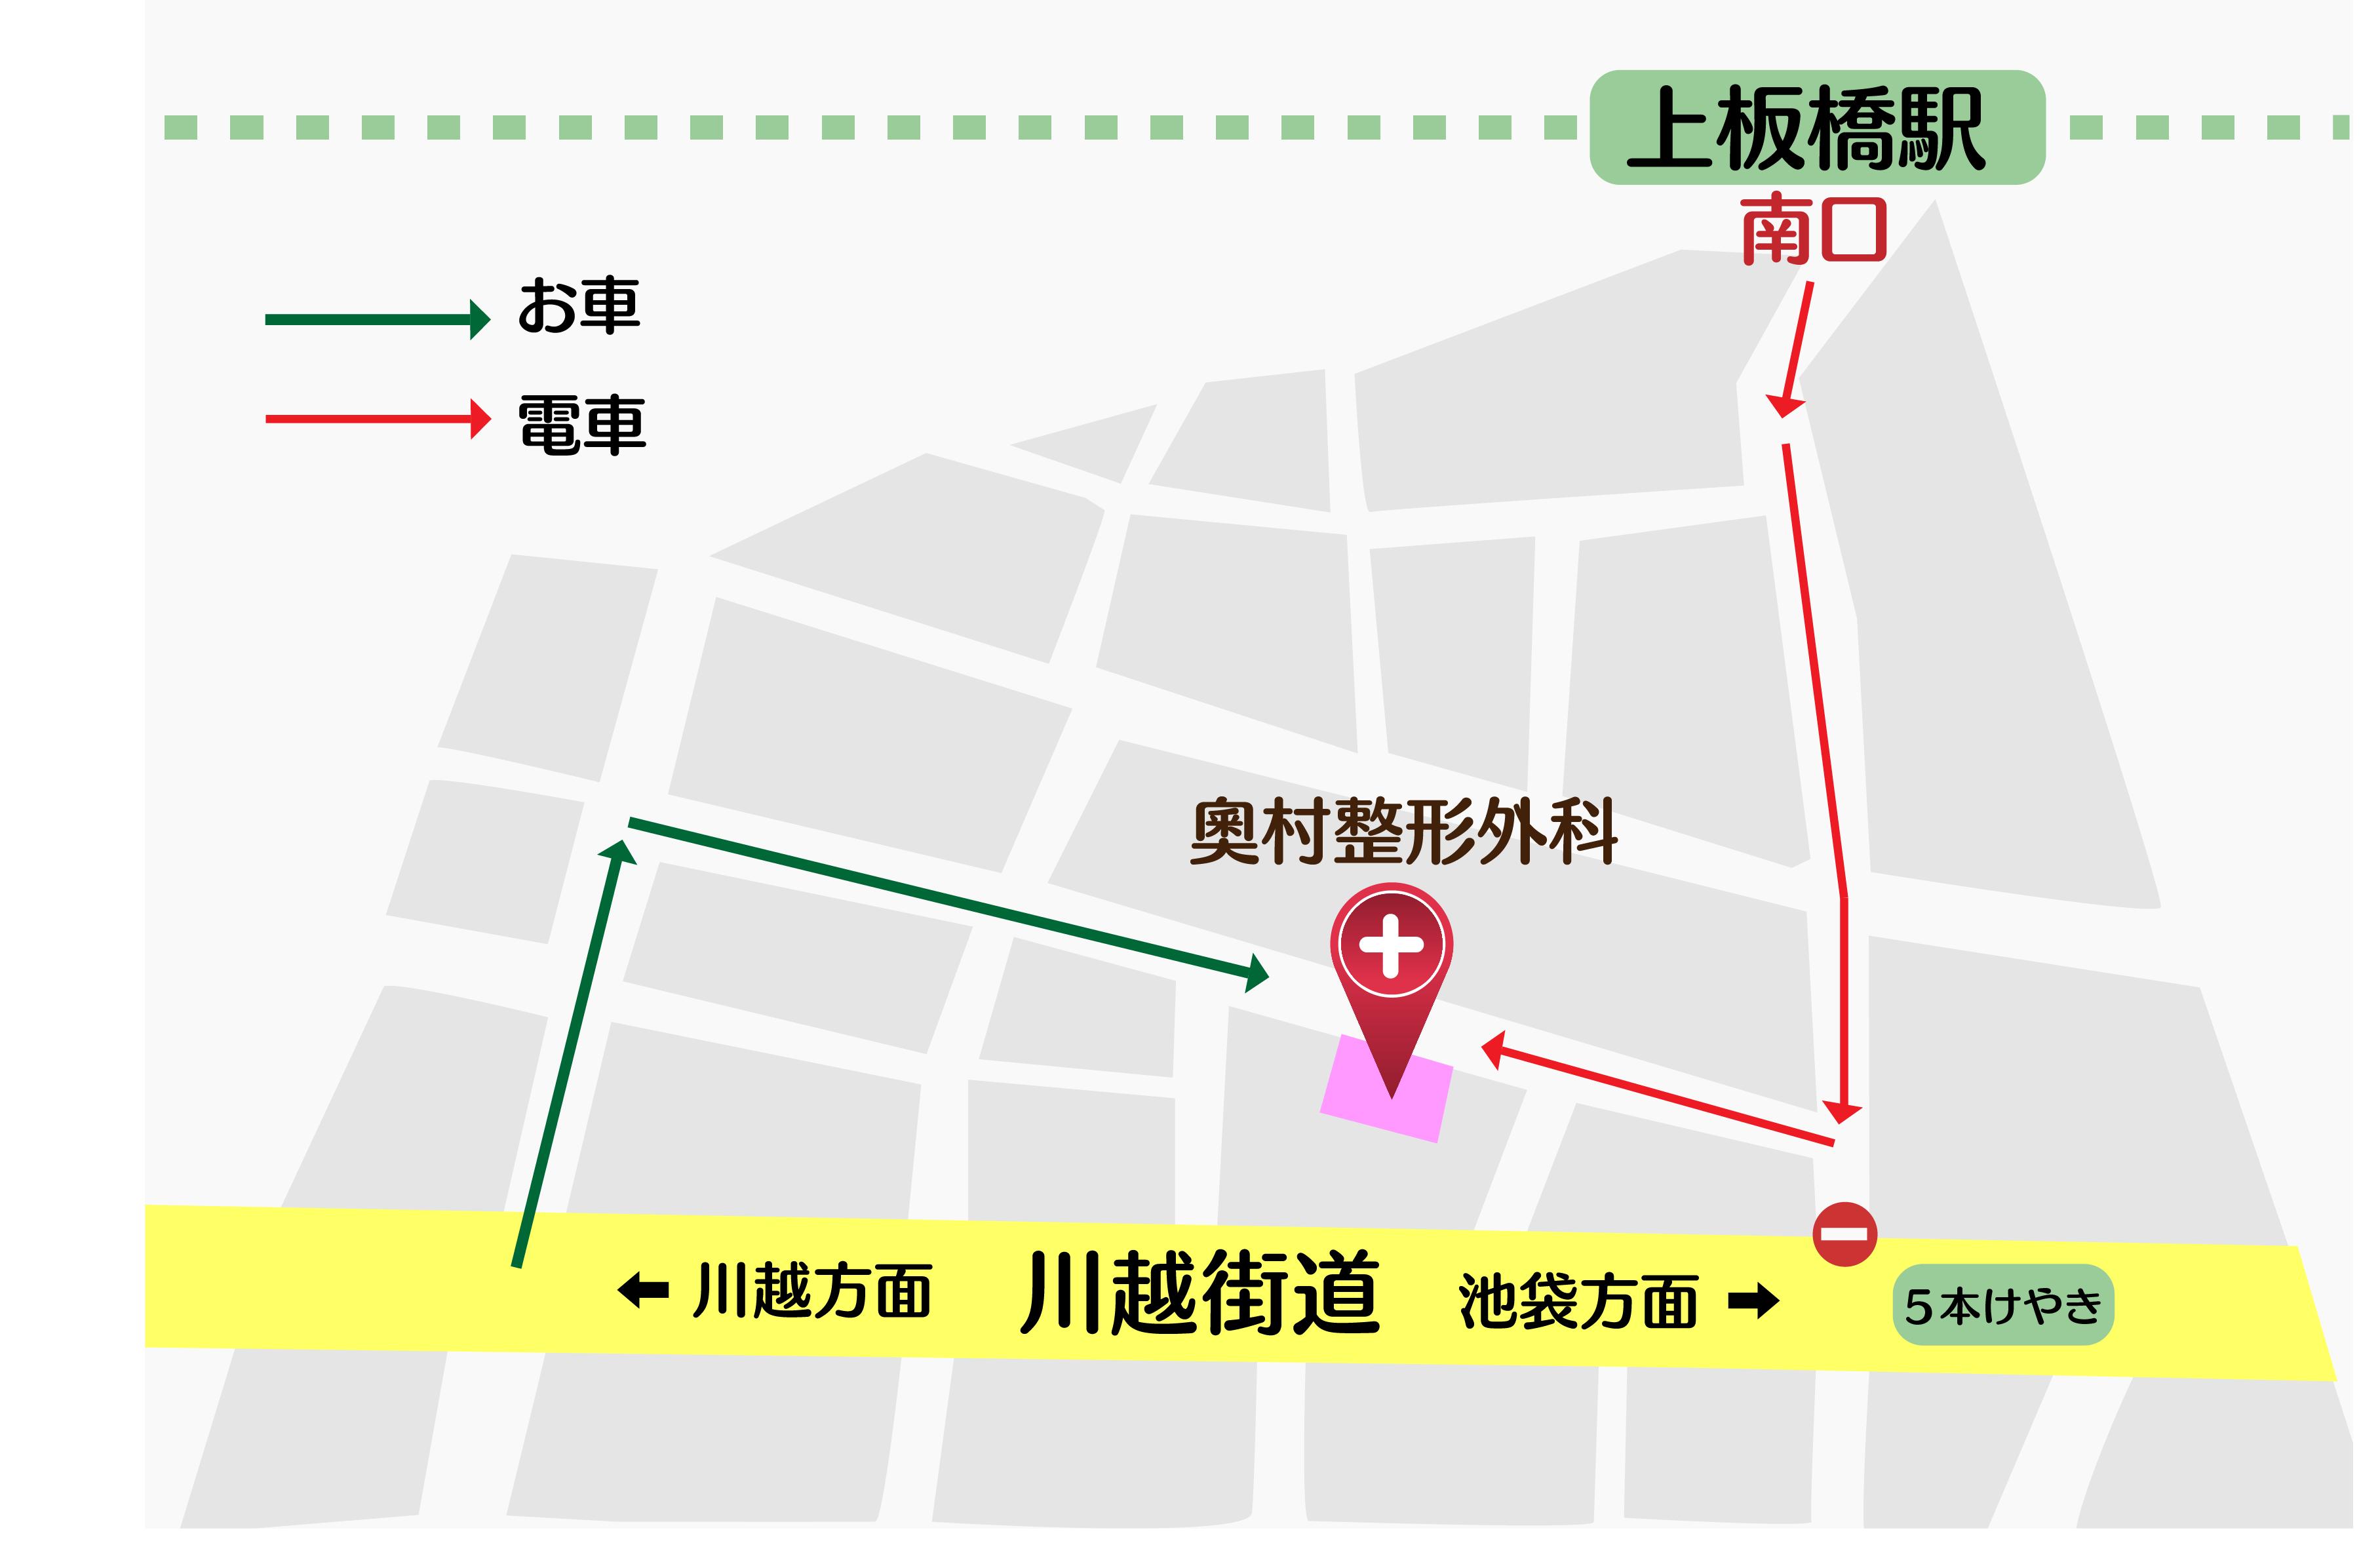 奧村整形外科の地図